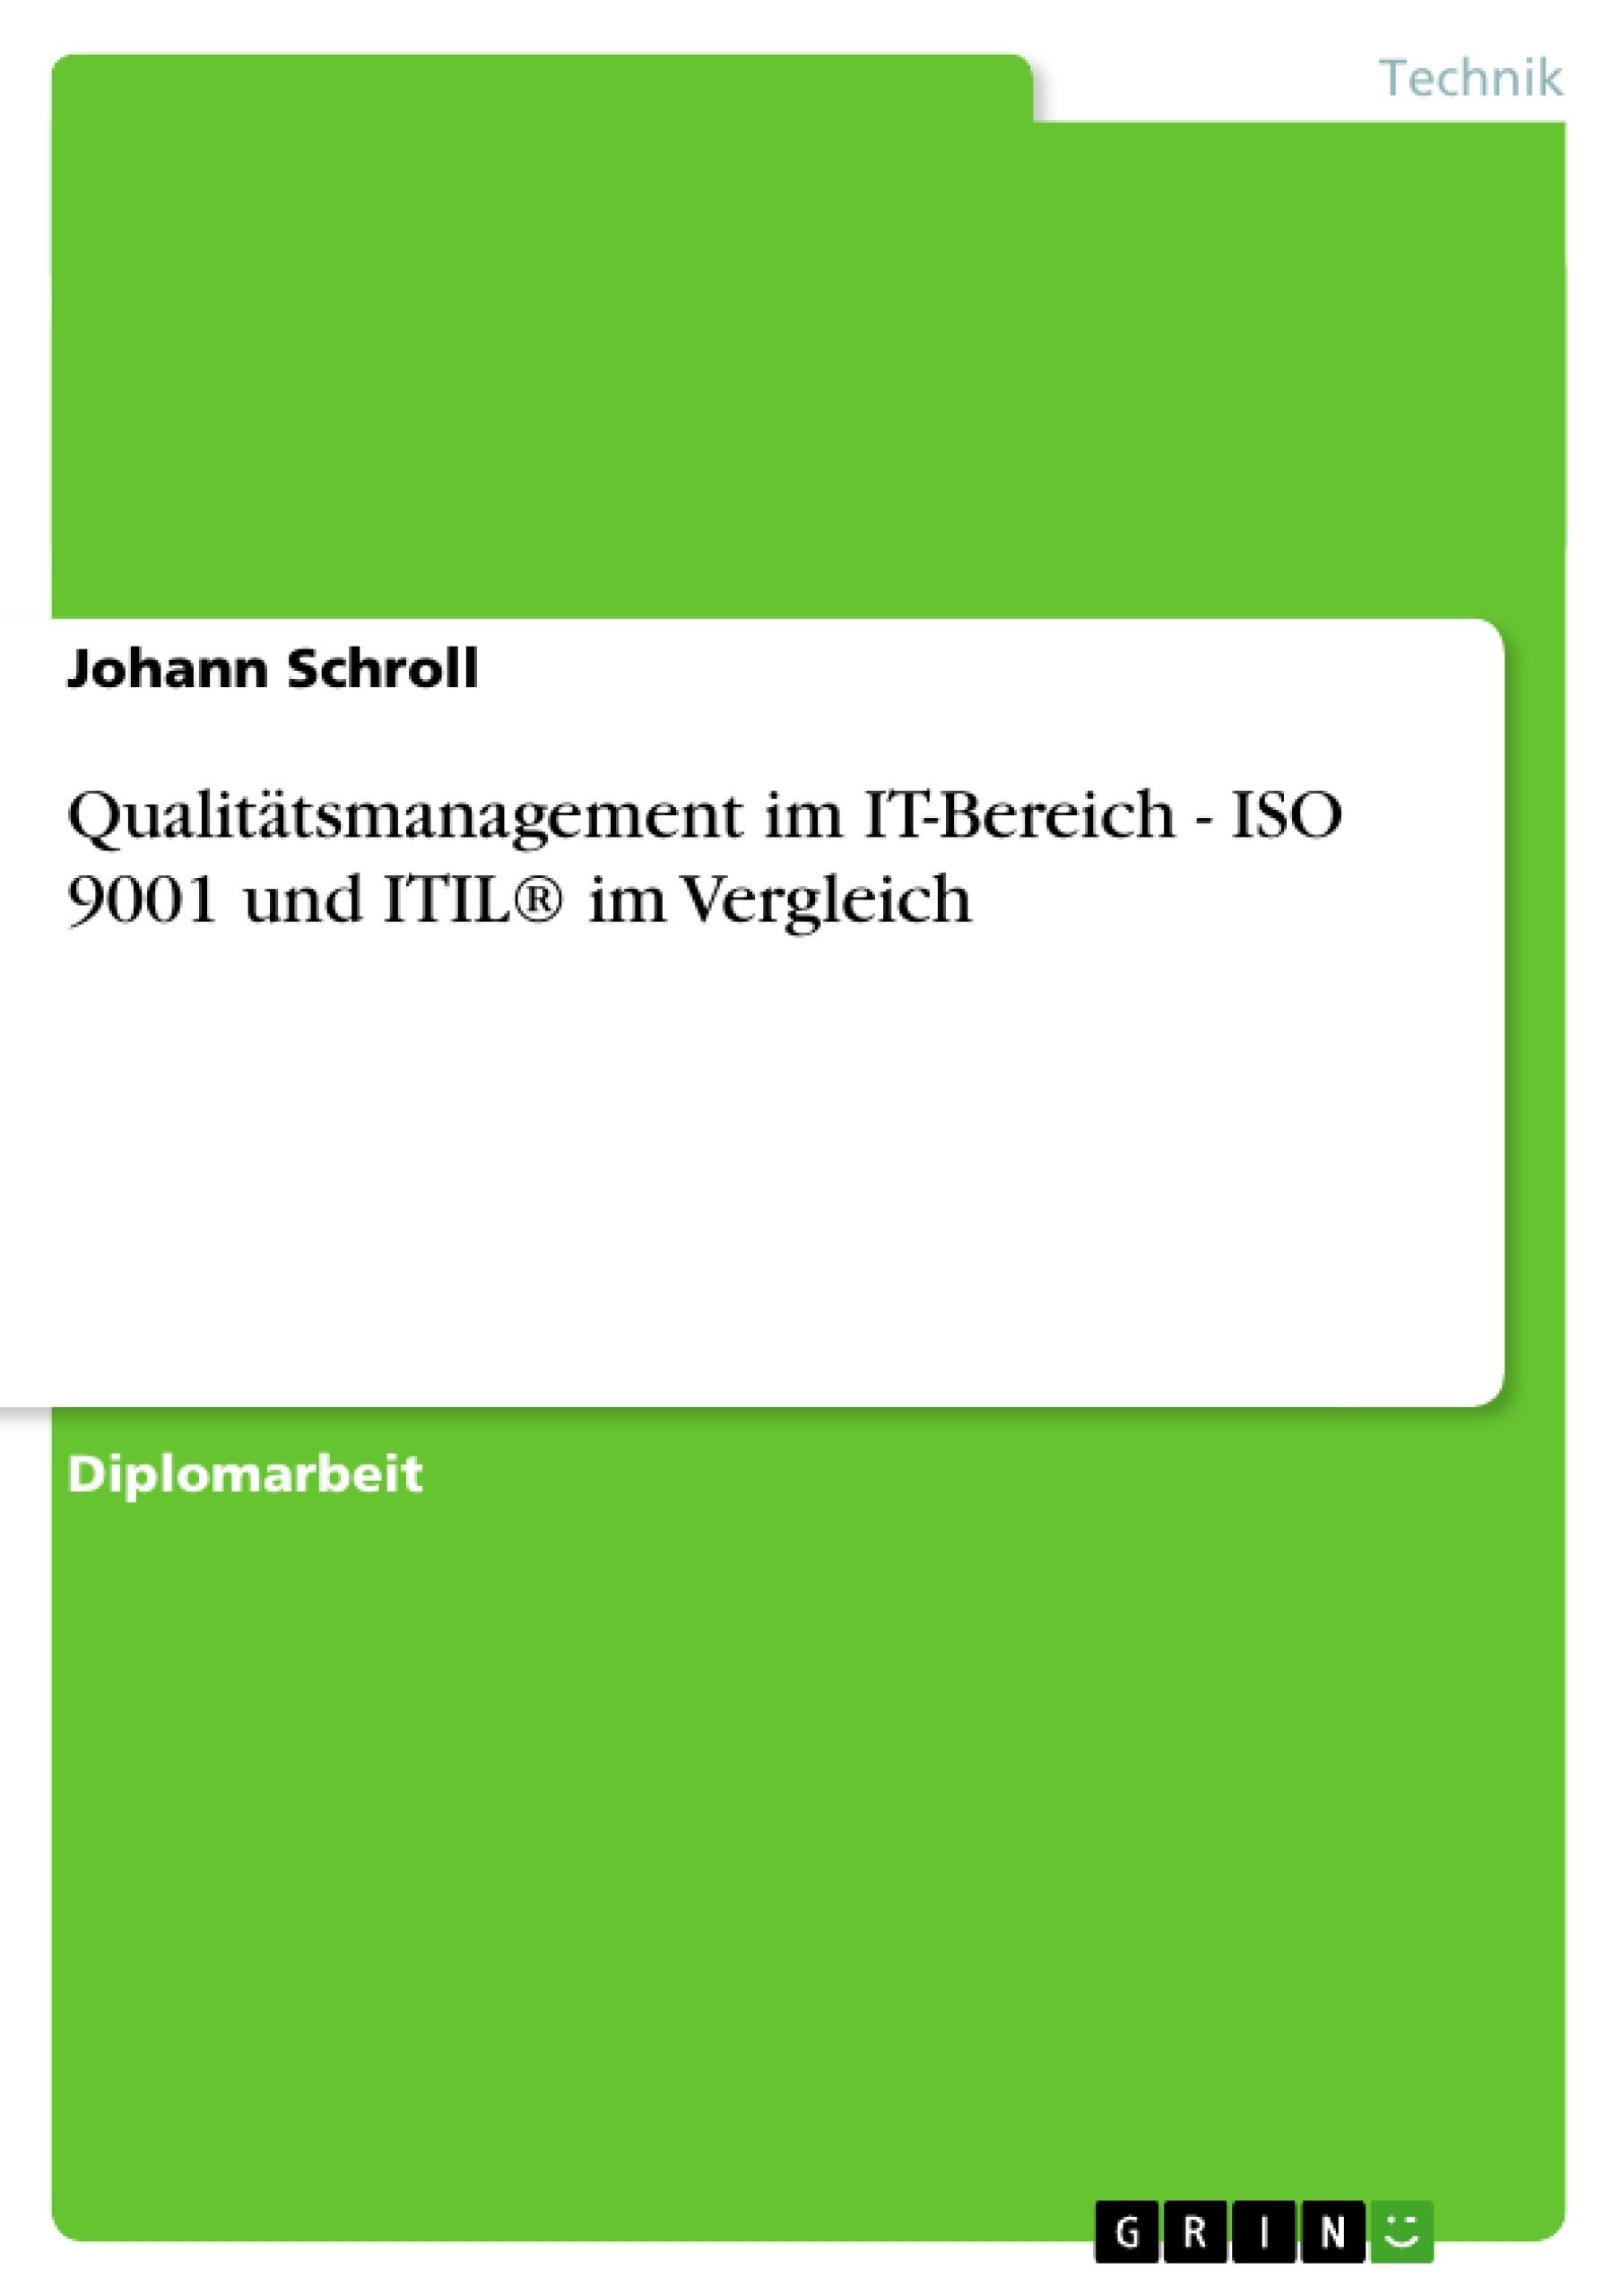 Titel: Qualitätsmanagement im IT-Bereich - ISO 9001 und ITIL® im Vergleich